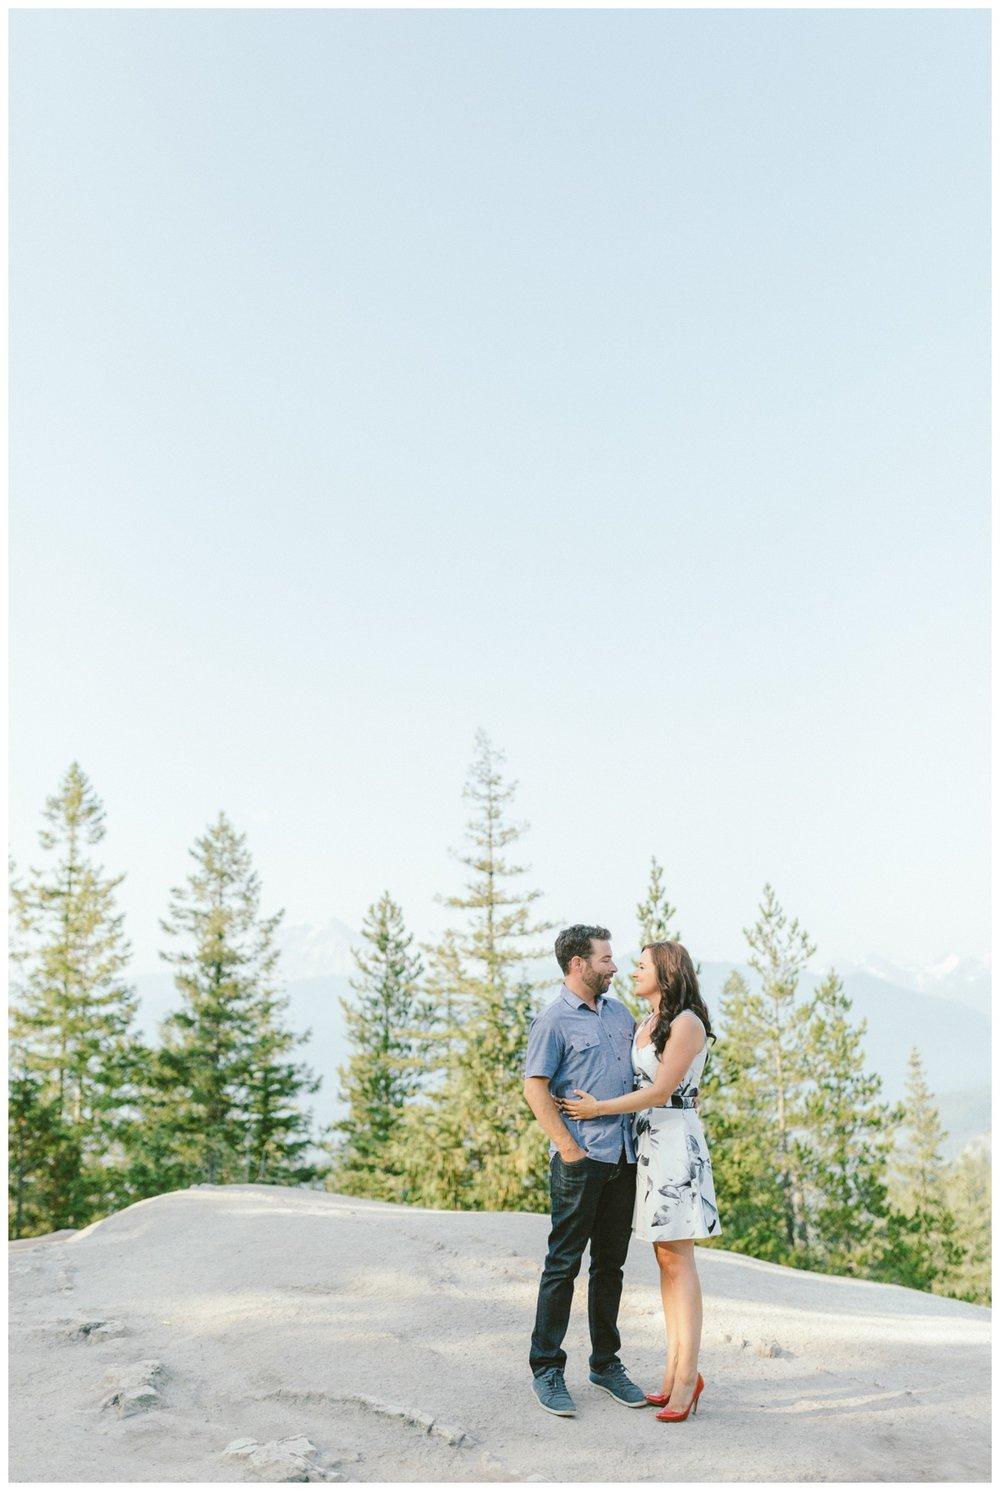 Mattie C. Hong Kong Vancouver Fine Art Wedding Prewedding Photographer 6.jpg